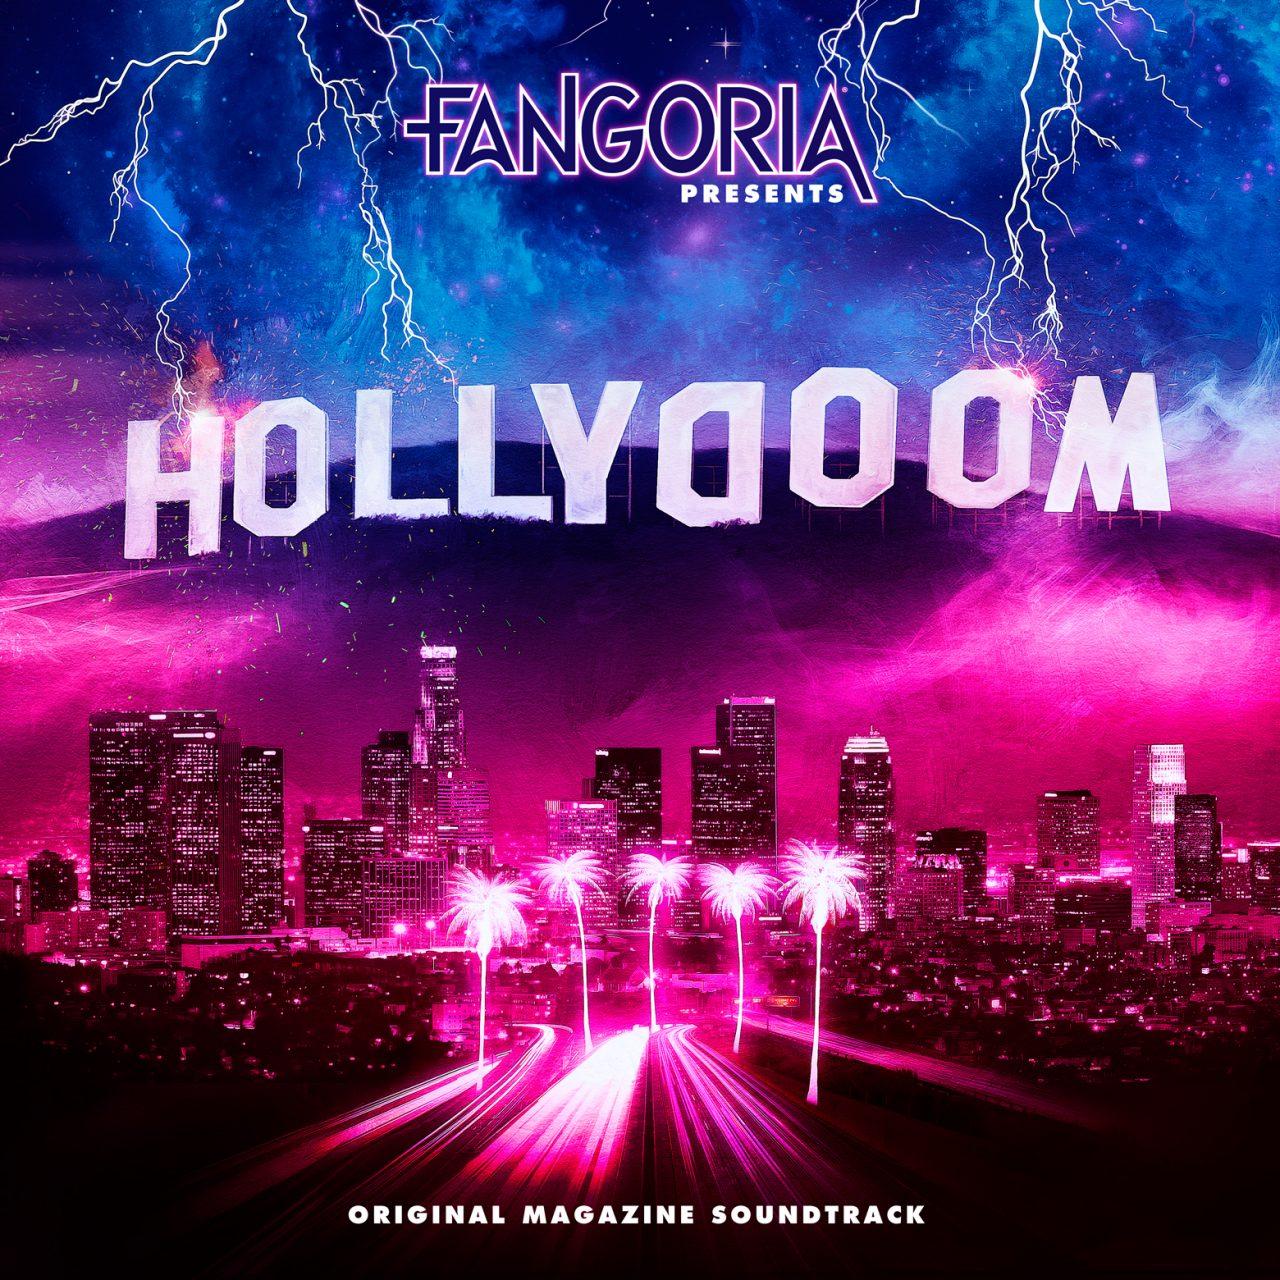 FANGORIA HOLLYDOOM